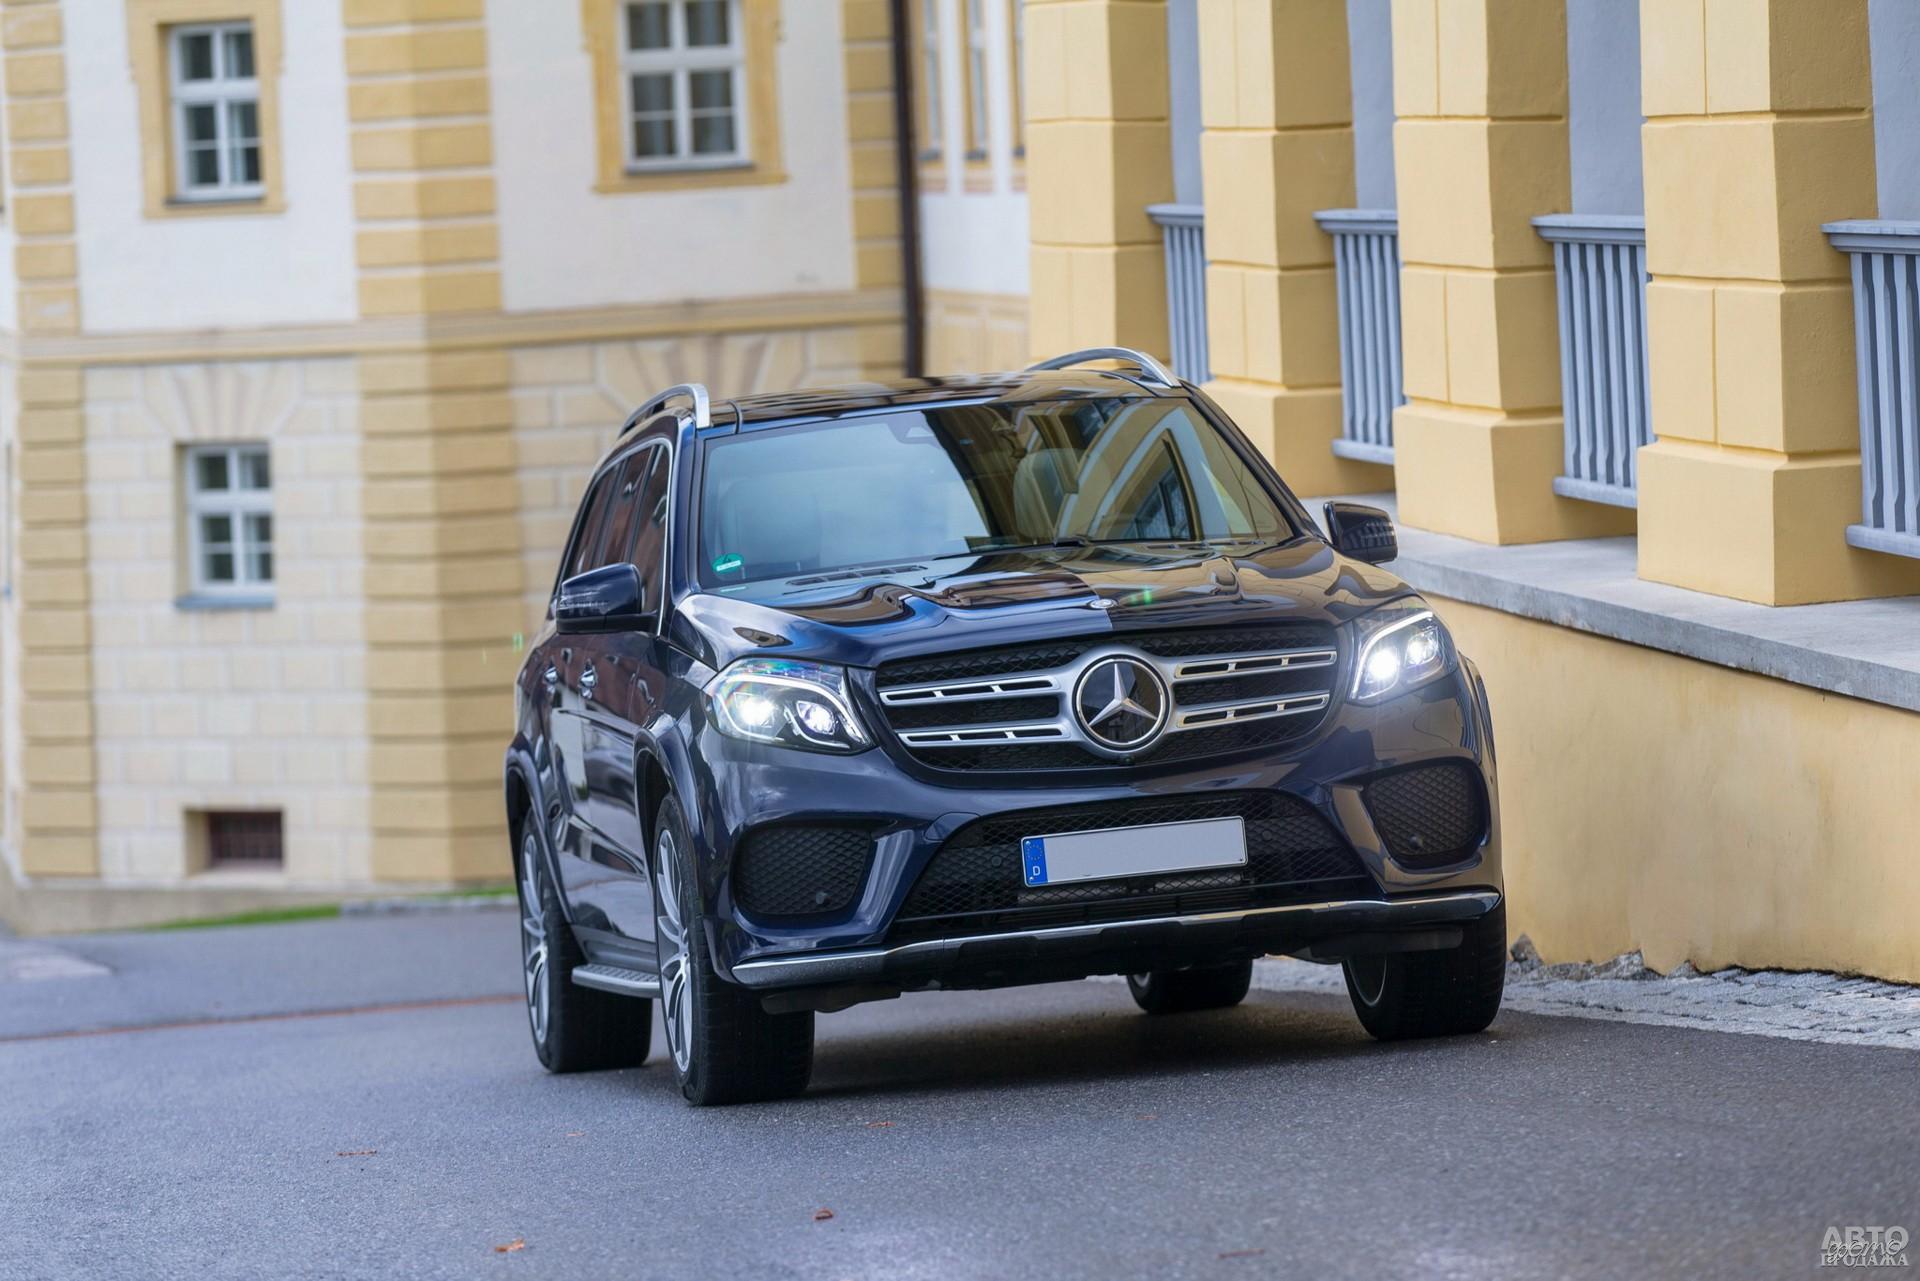 Широкая решетка радиатора Mercedes-Benz_GLS украшена трехлучевой звездой